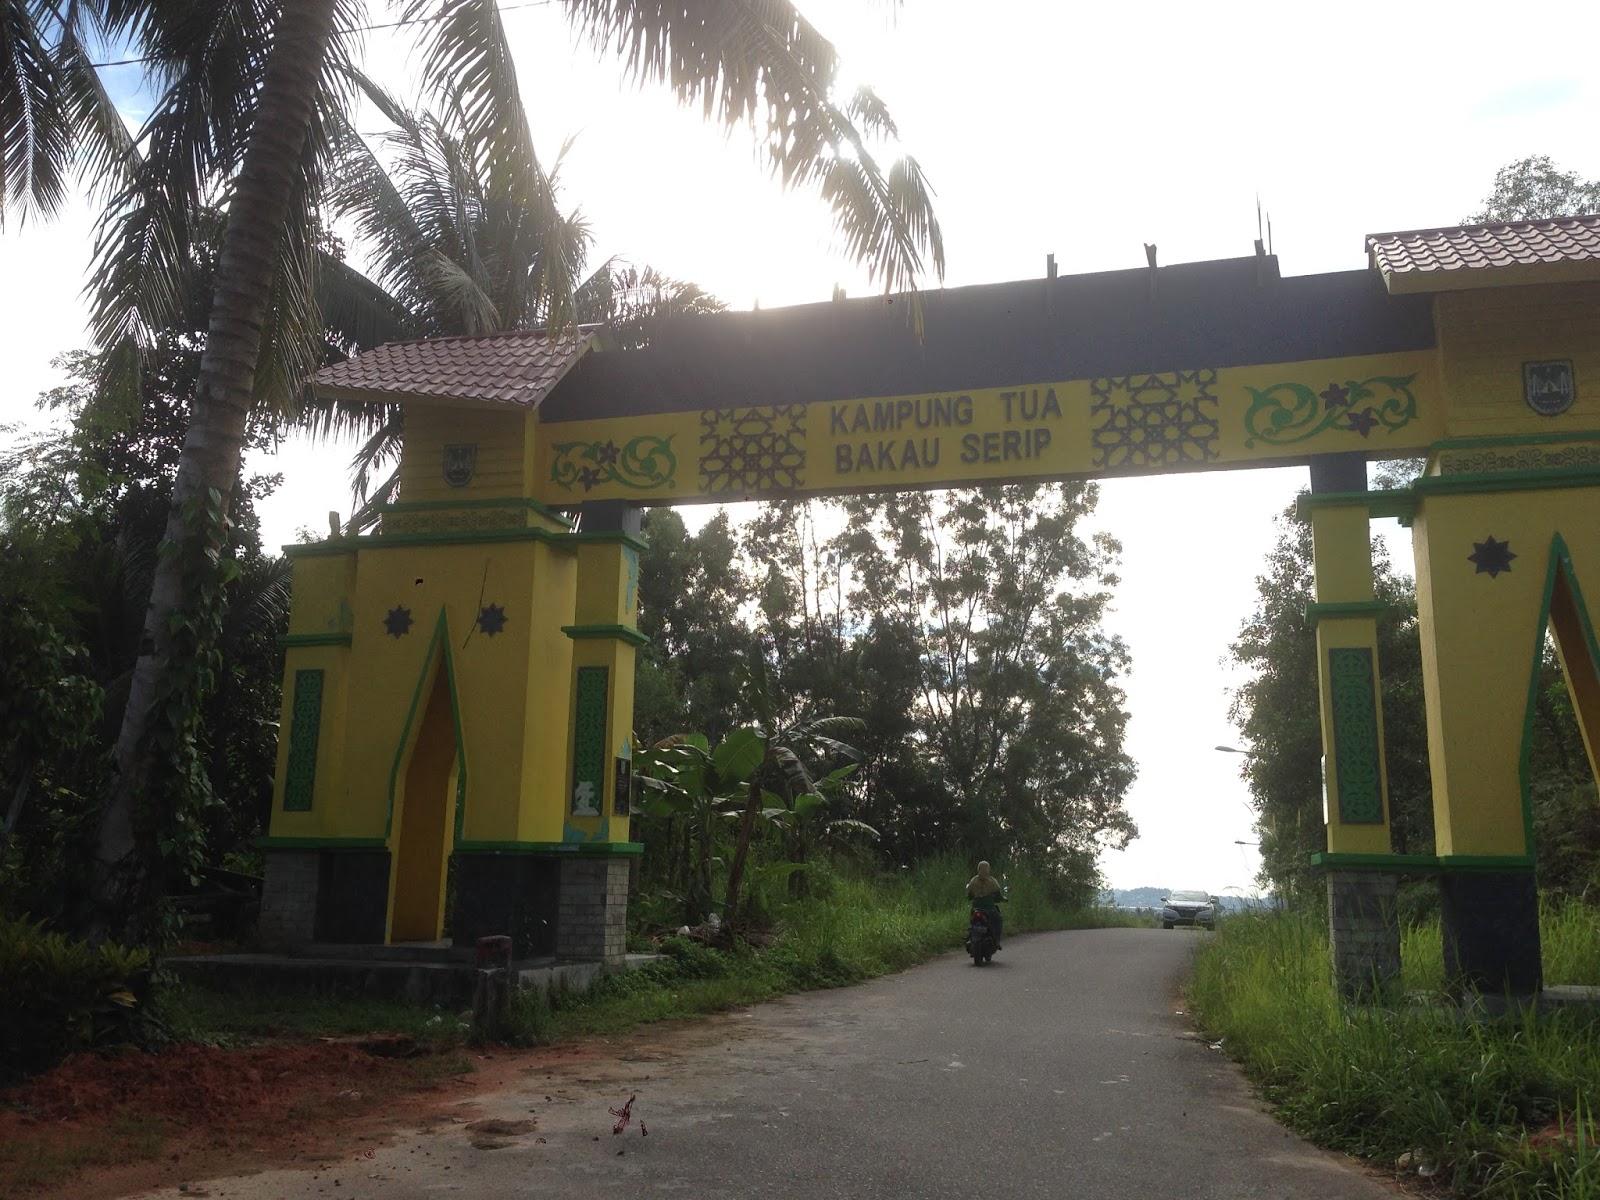 Siti Mardiyyah Wisata Pantai Bale Bale Nongsa Batam